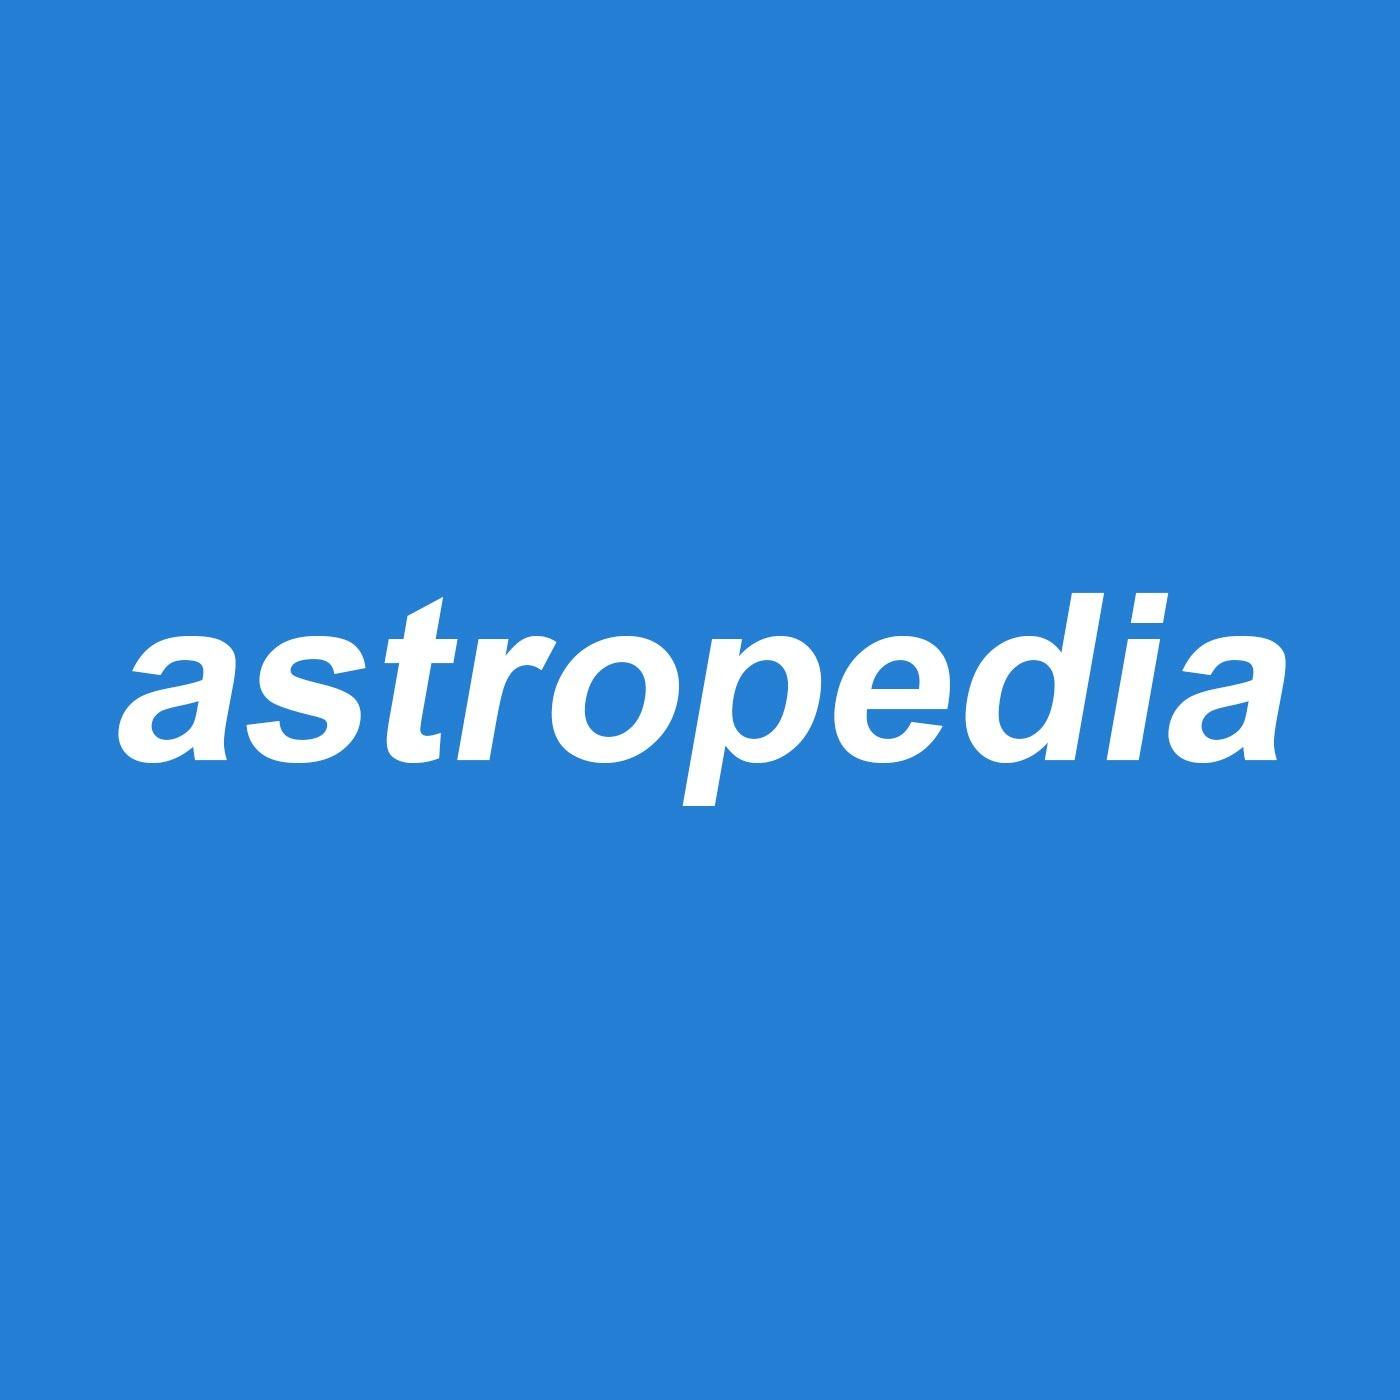 آستروپدیا | astropedia